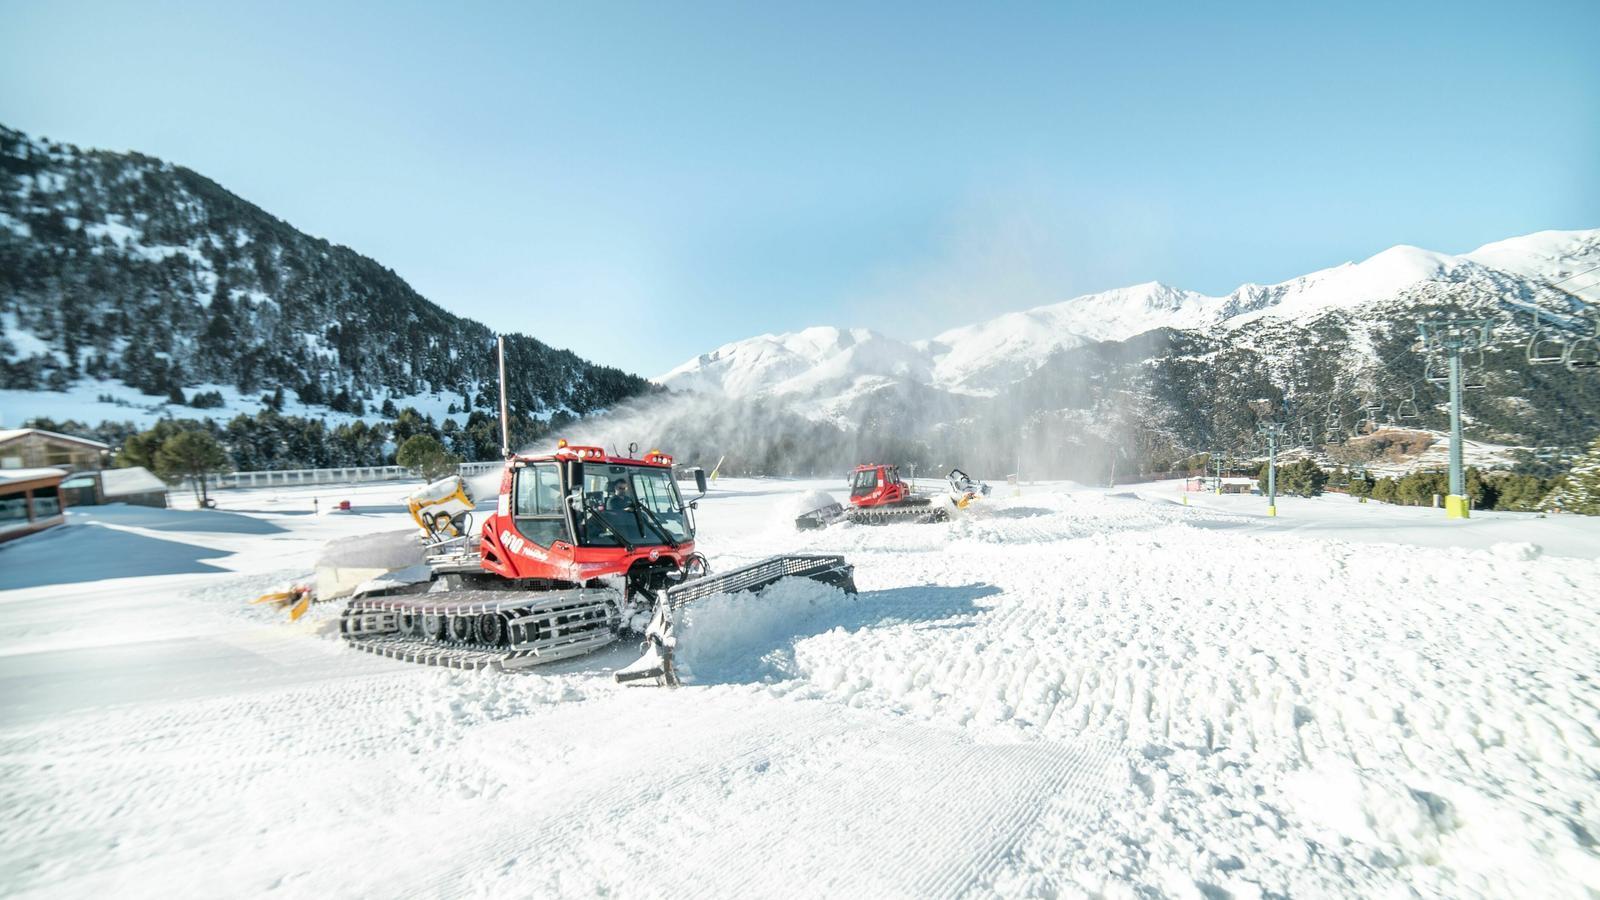 Les màquines treballen al camp de neu. / GRANDVALIRA